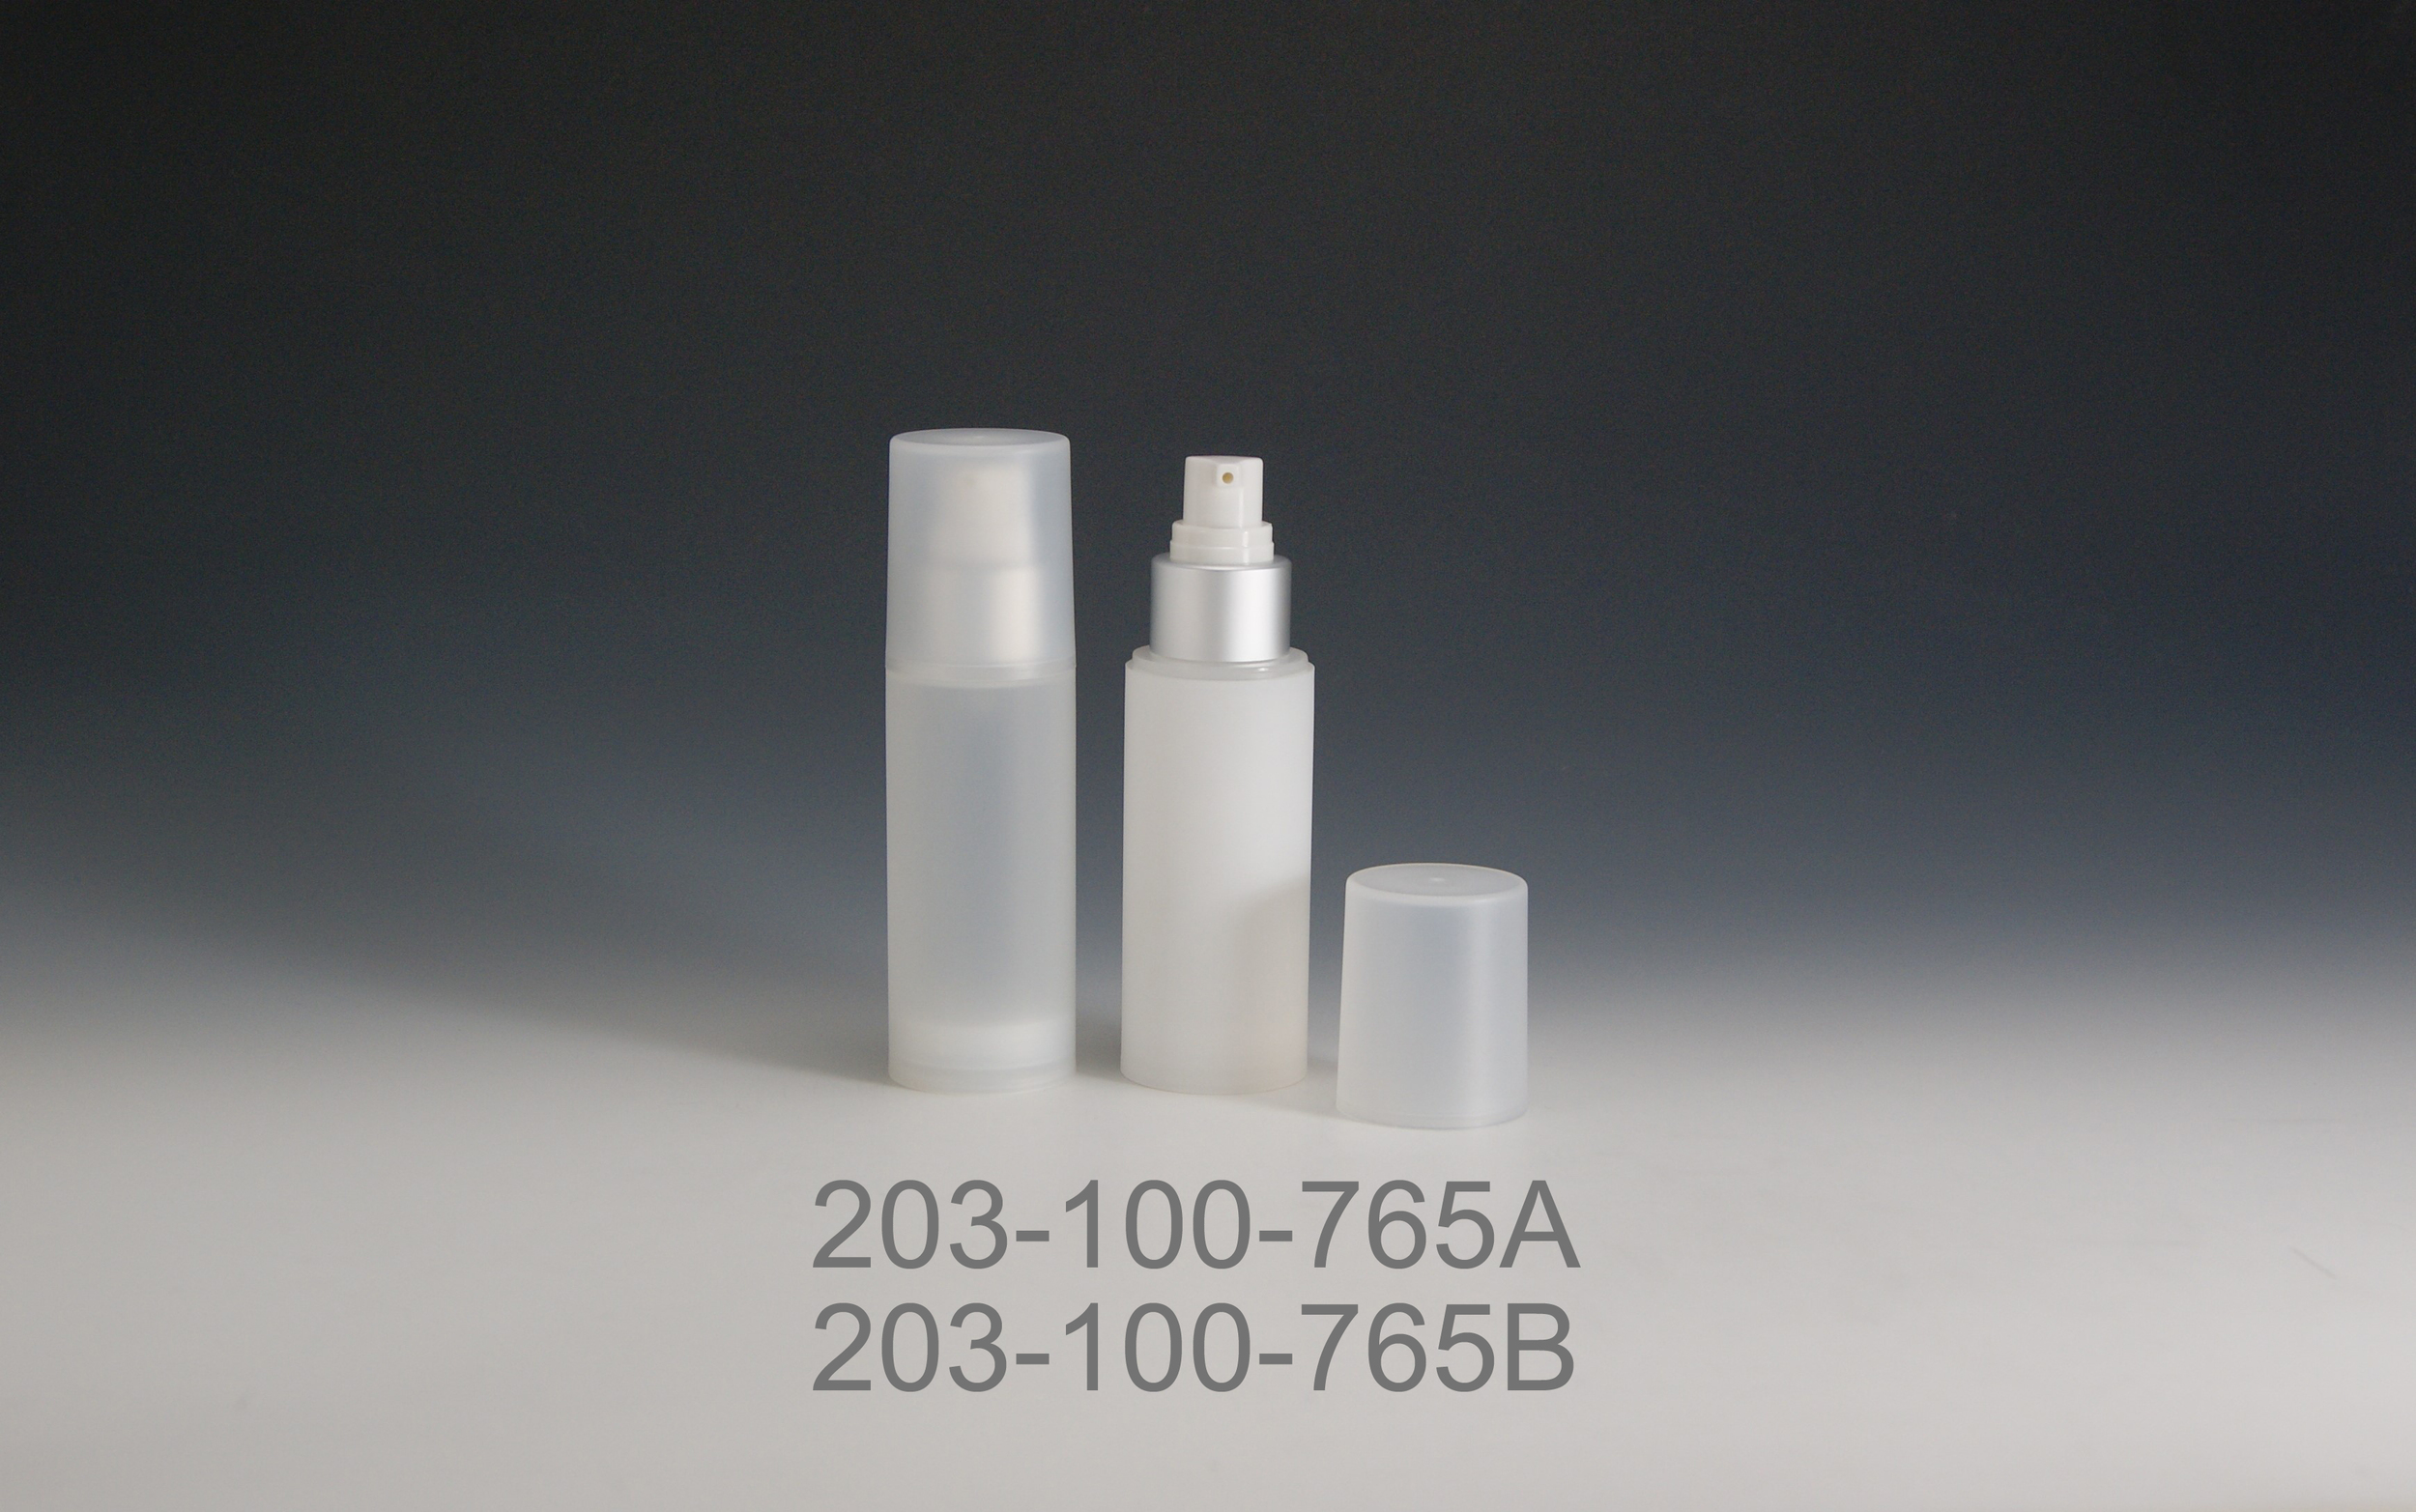 203-100-765AB.jpg